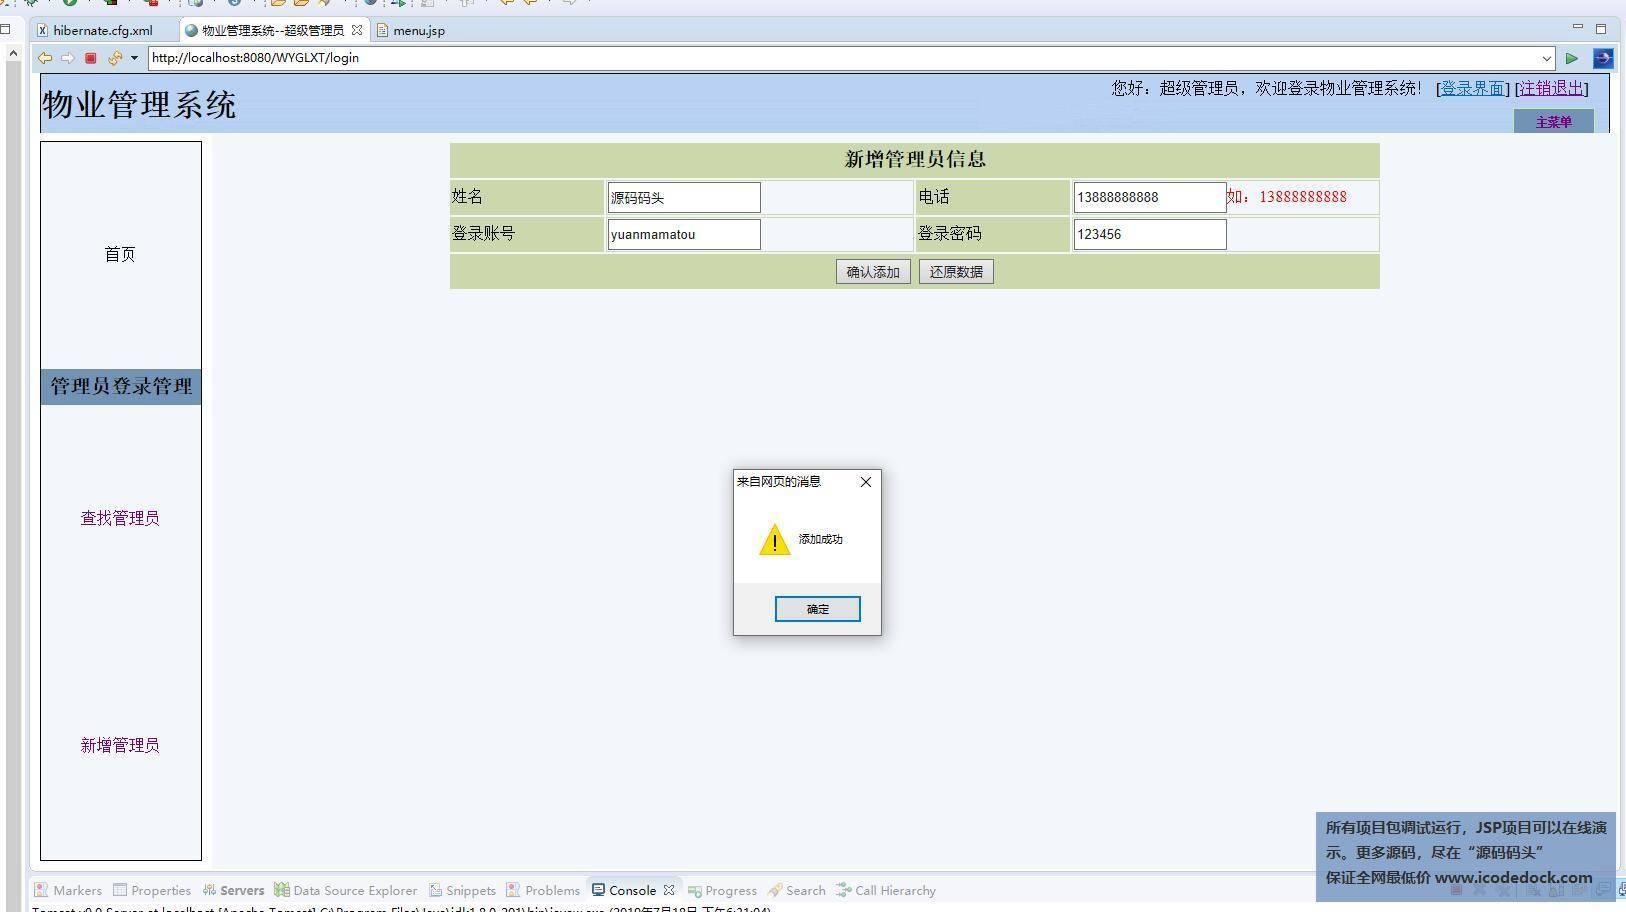 源码码头-SSH小区物业管理系统-超级管理员角色-增加管理员